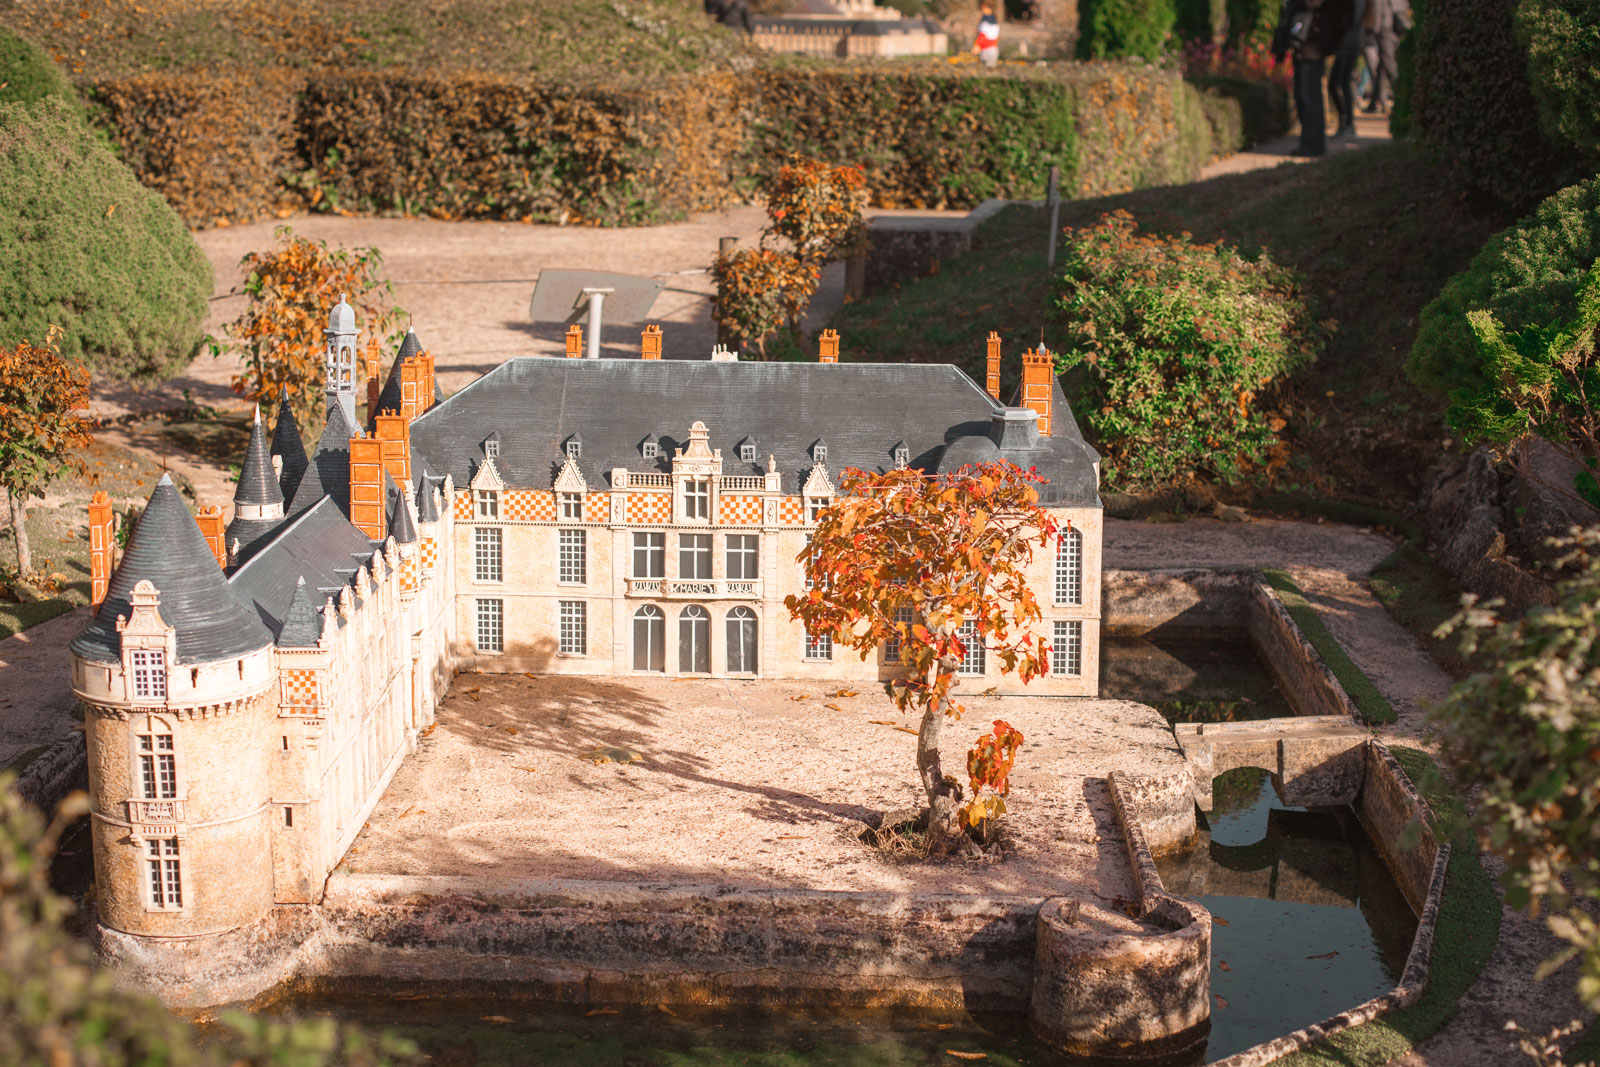 Ninaah Bulles, visite, lifestyle, halloween France miniature, voyage, France, sortie, paris, ile de france